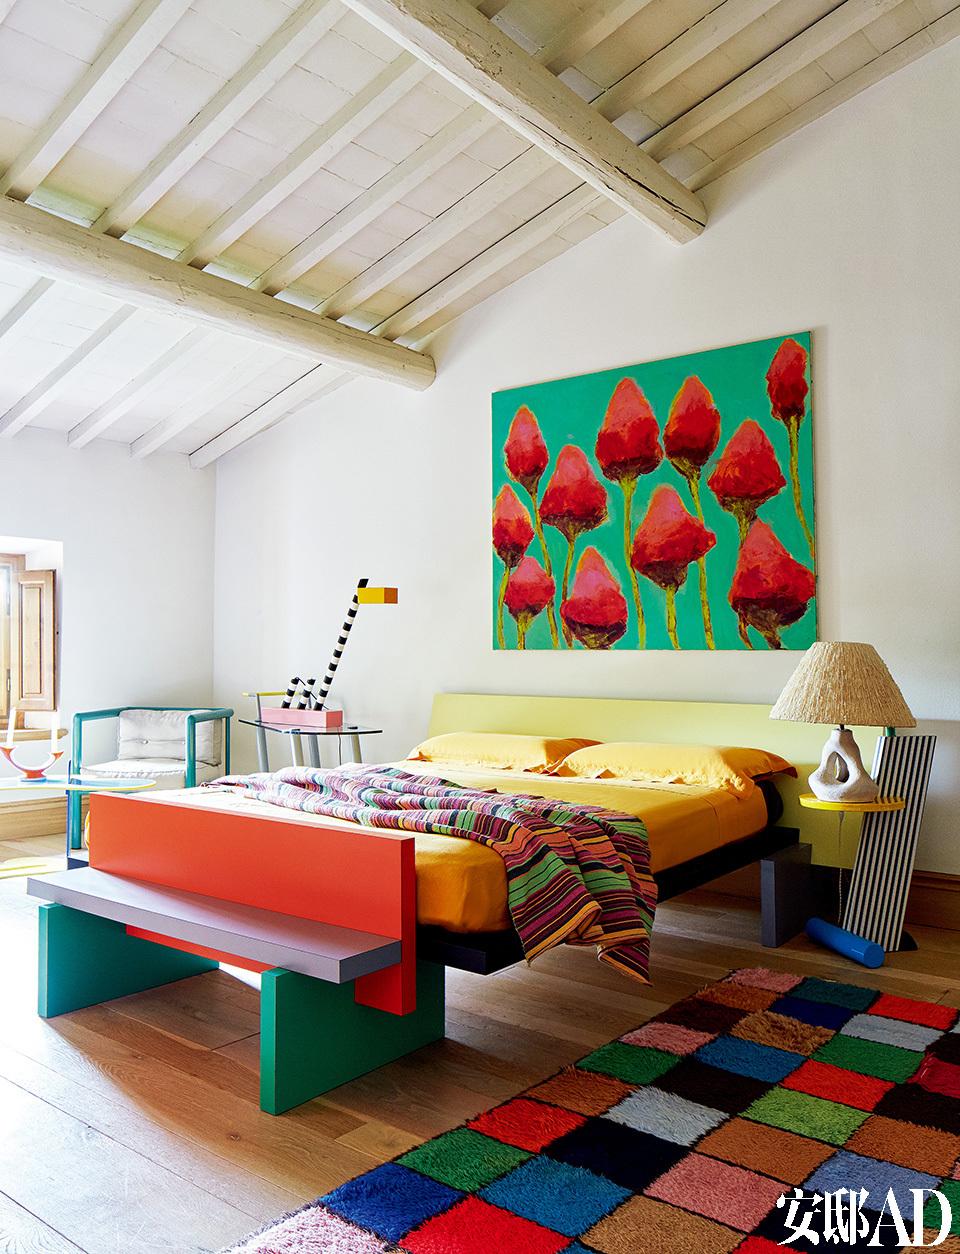 沉睡在这个让人灵感迸发的缤纷世界里,是不是连梦里都会出现彩虹呢?其中的一间客房完全采用孟菲斯风格设计。Horizon睡床,右侧的Flamingo床头桌和左侧的Oceanic坐灯均由Michele de Lucchi为Memphis Milano设计。绘画作品来自意大利艺术家Alessandro Twombly。